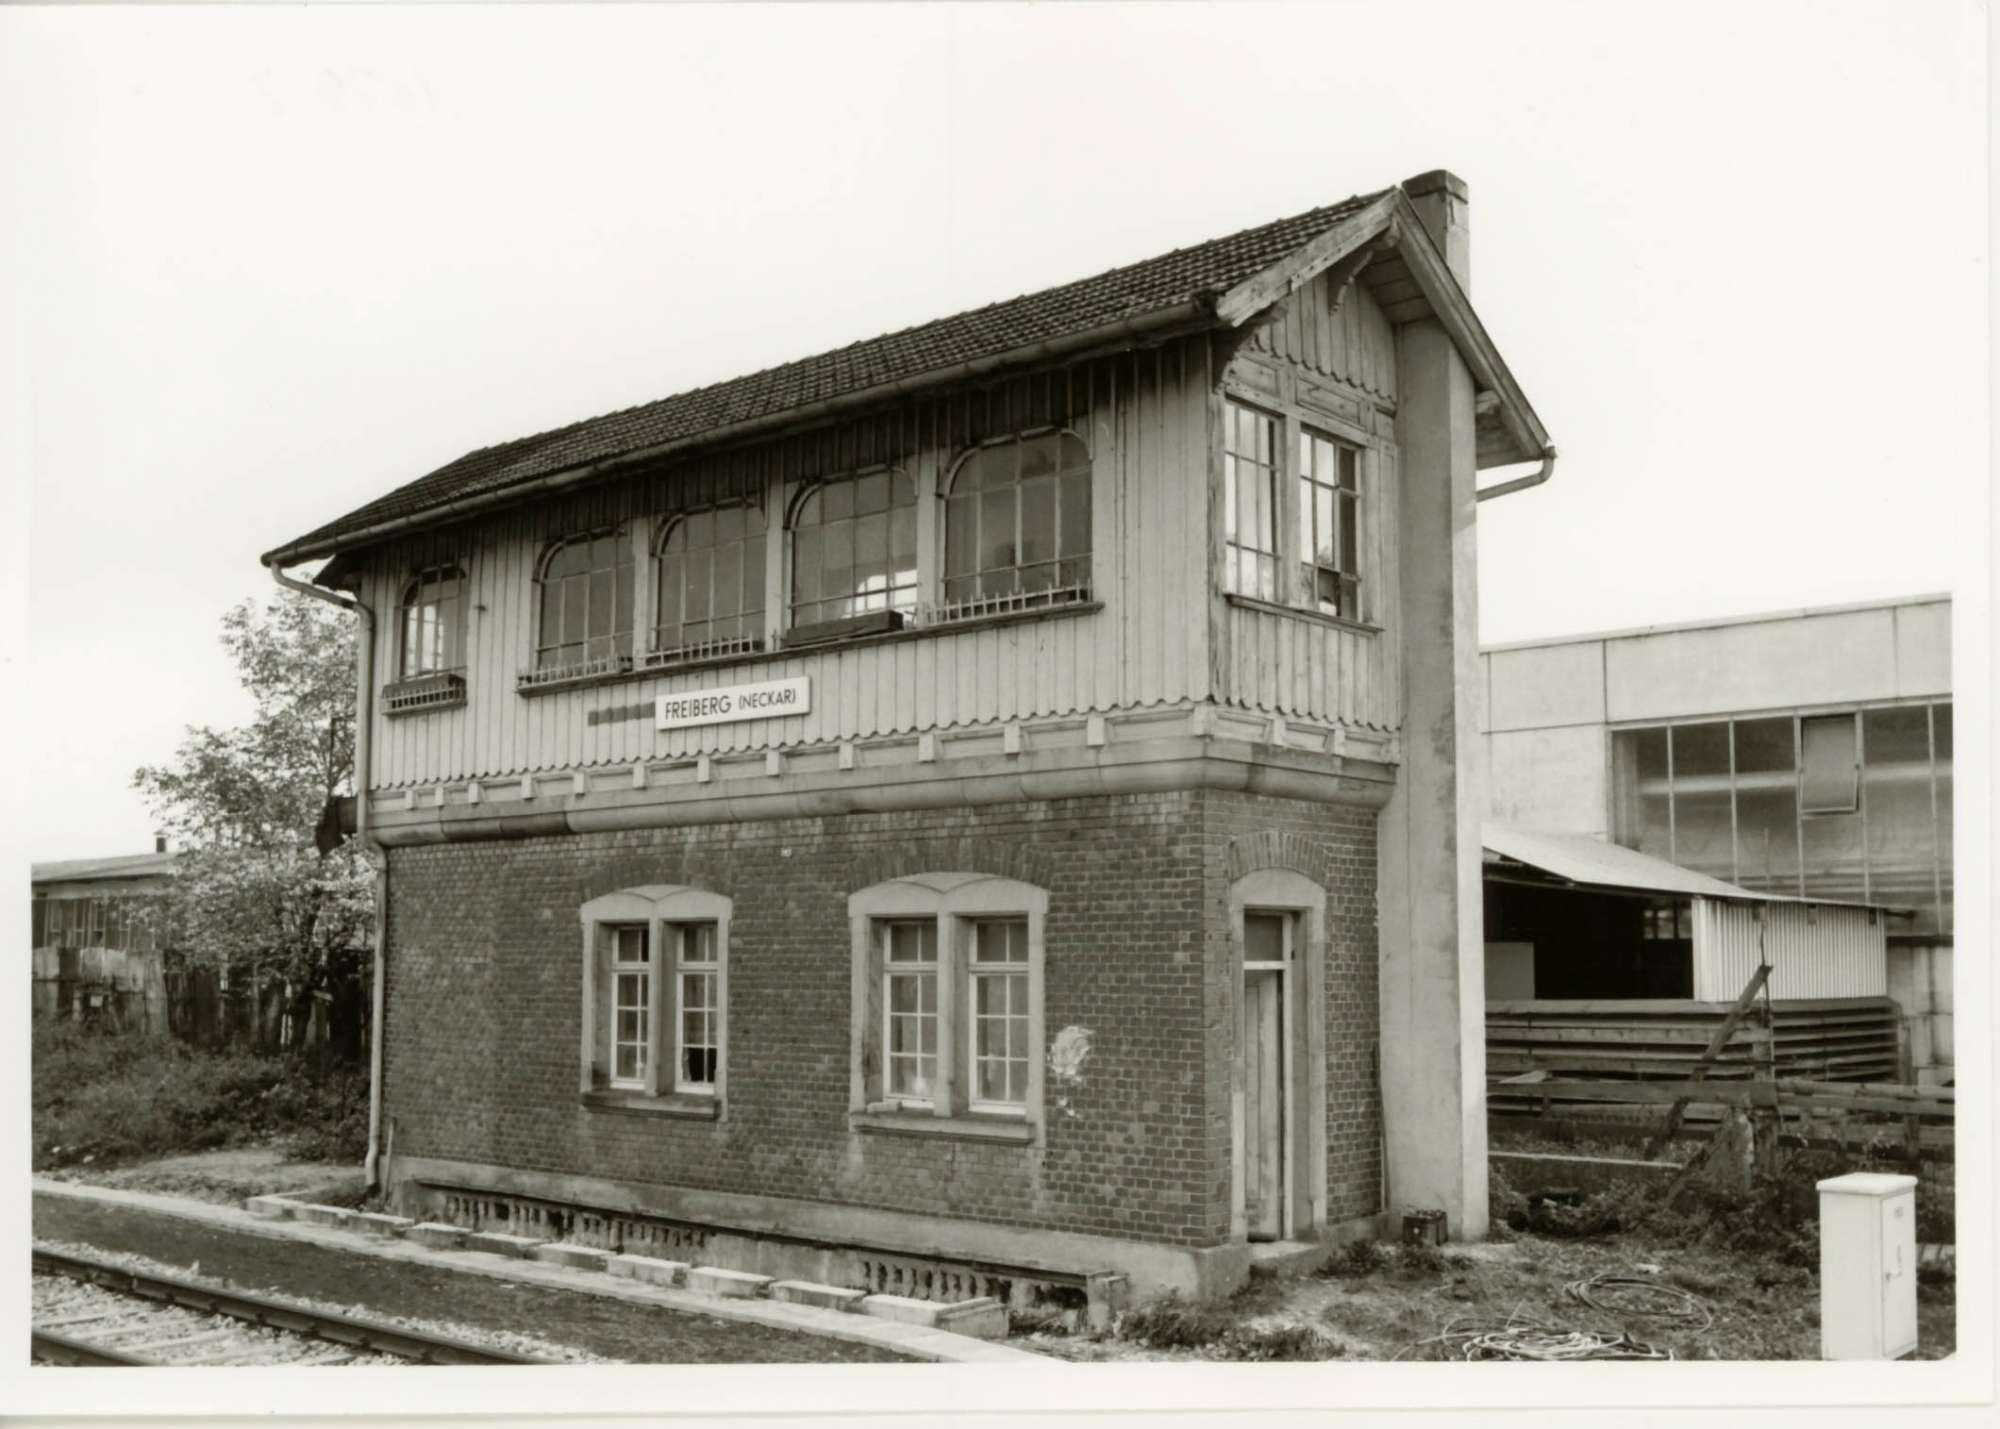 Freiberg am Neckar: 15 Fotos u.a., Bild 2